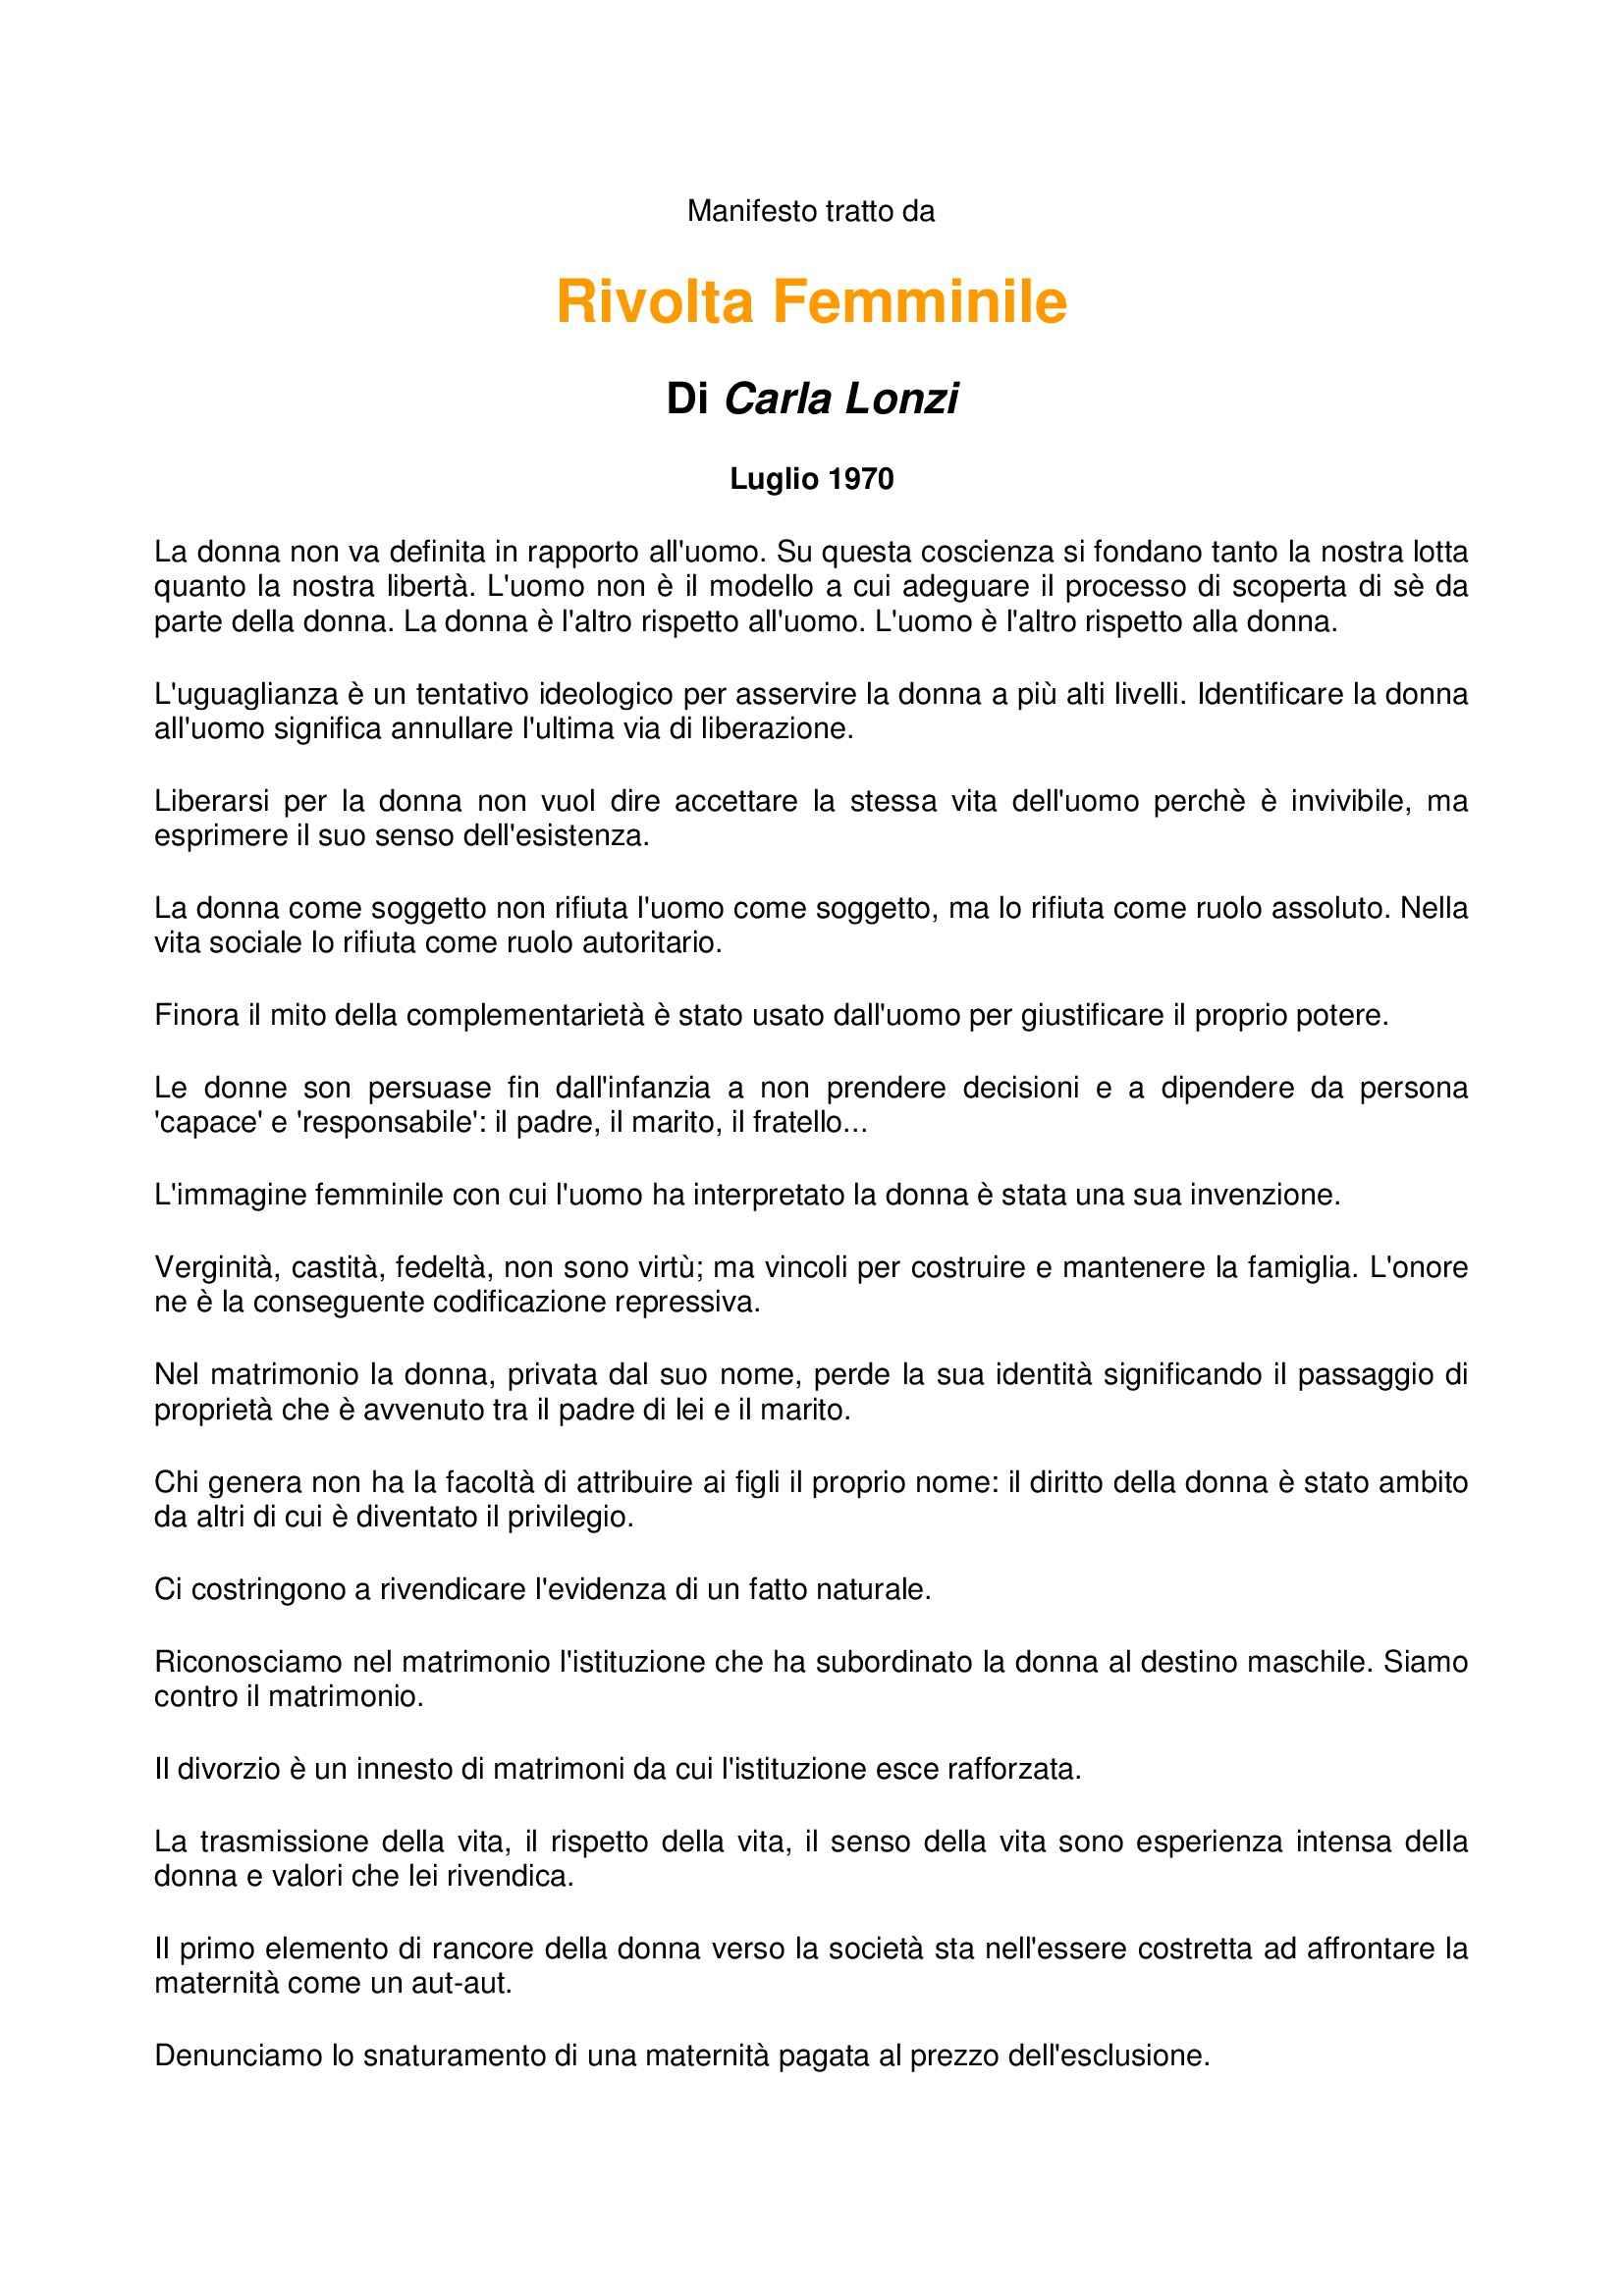 Rivolta femminile - Manifesto 1970, Carla Lonzi